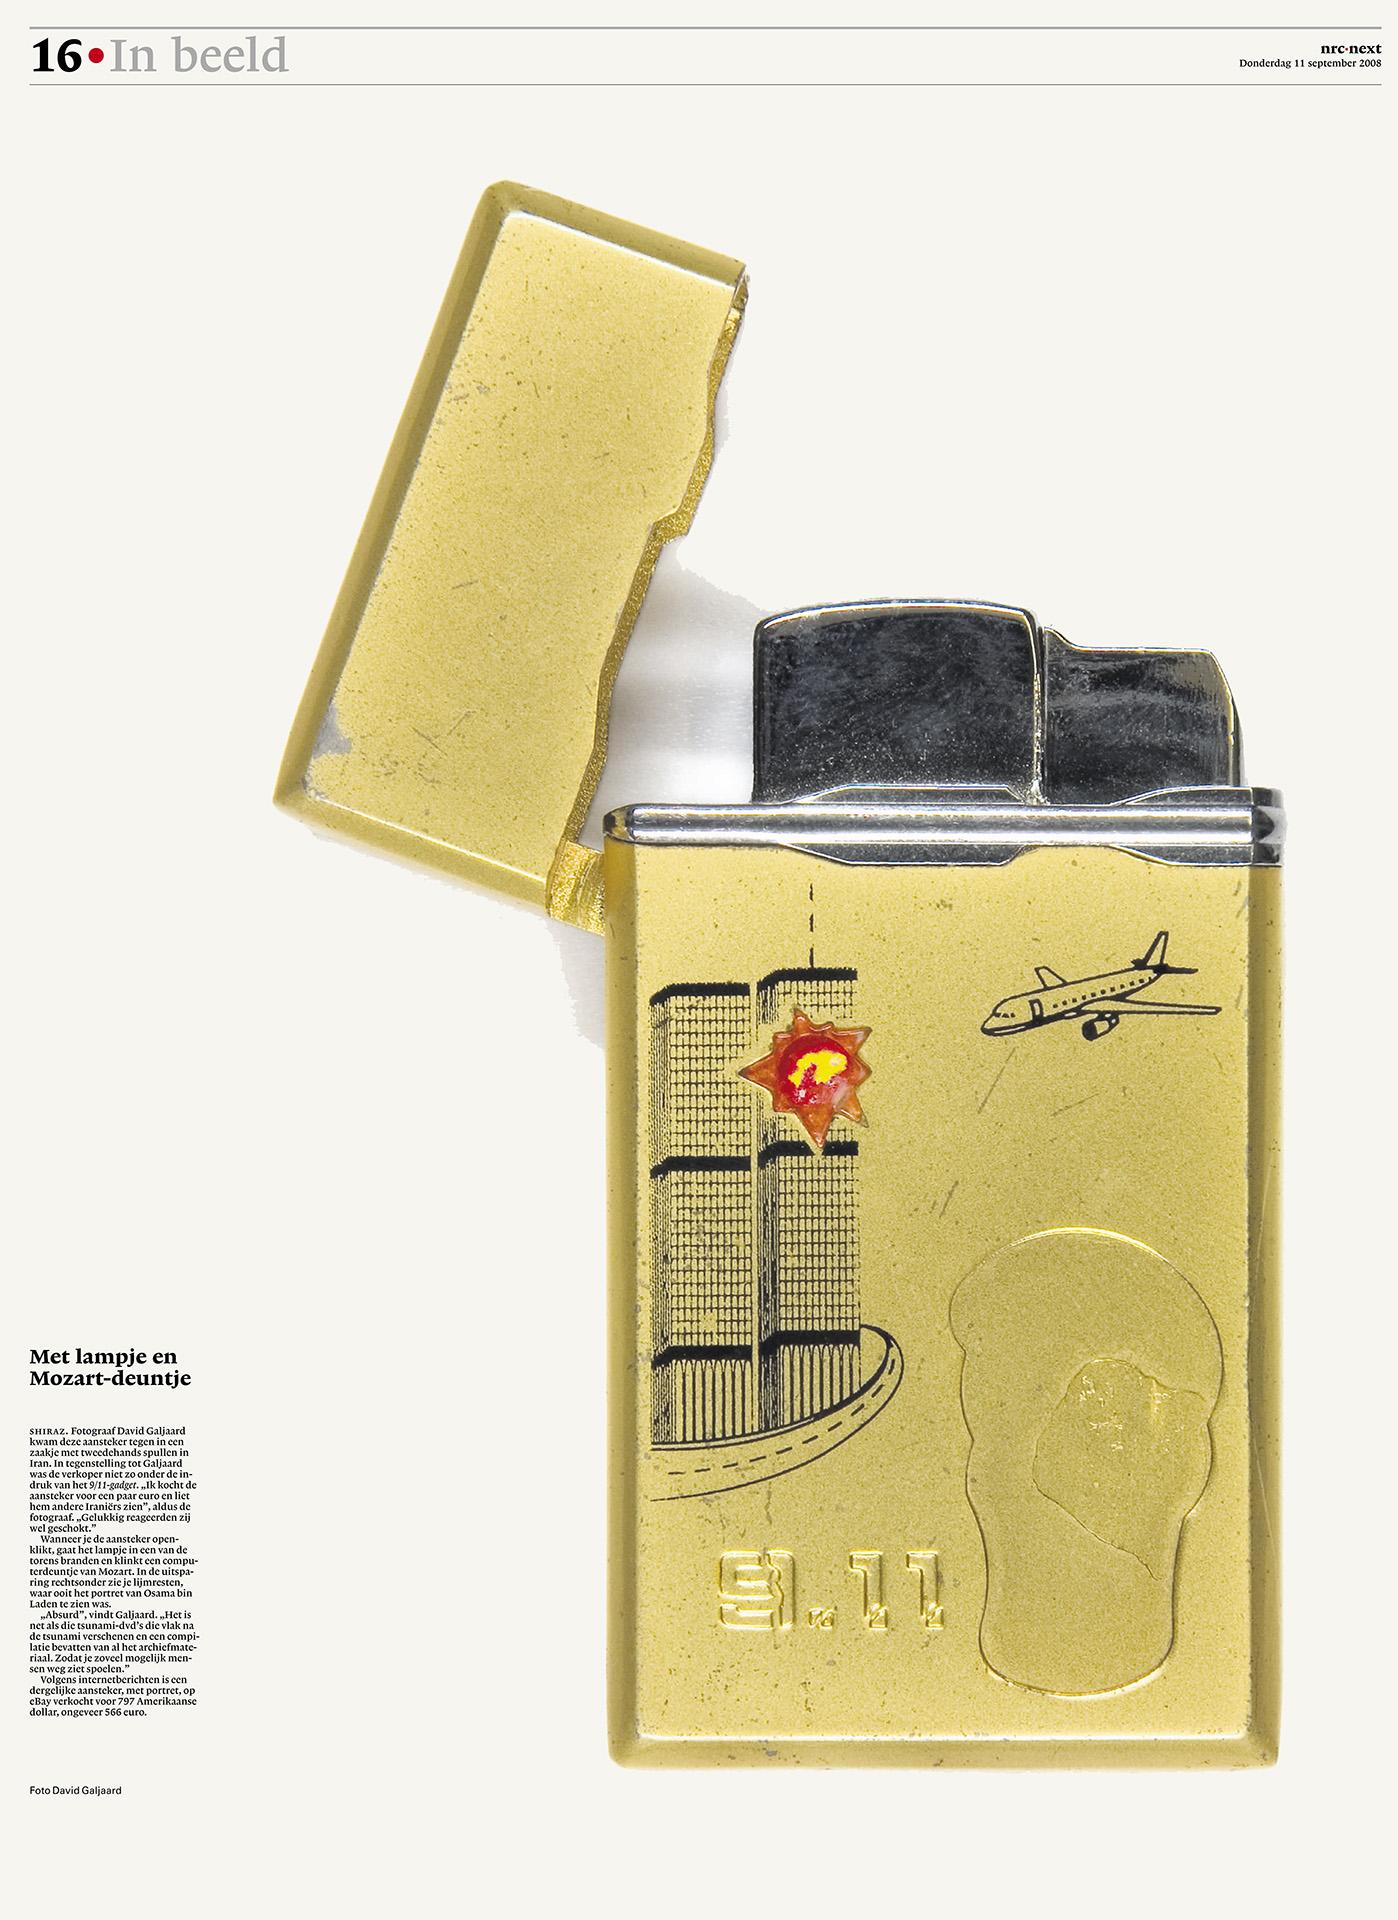 NRC Next - In beeld - 9/11 aansteker - David Galjaard